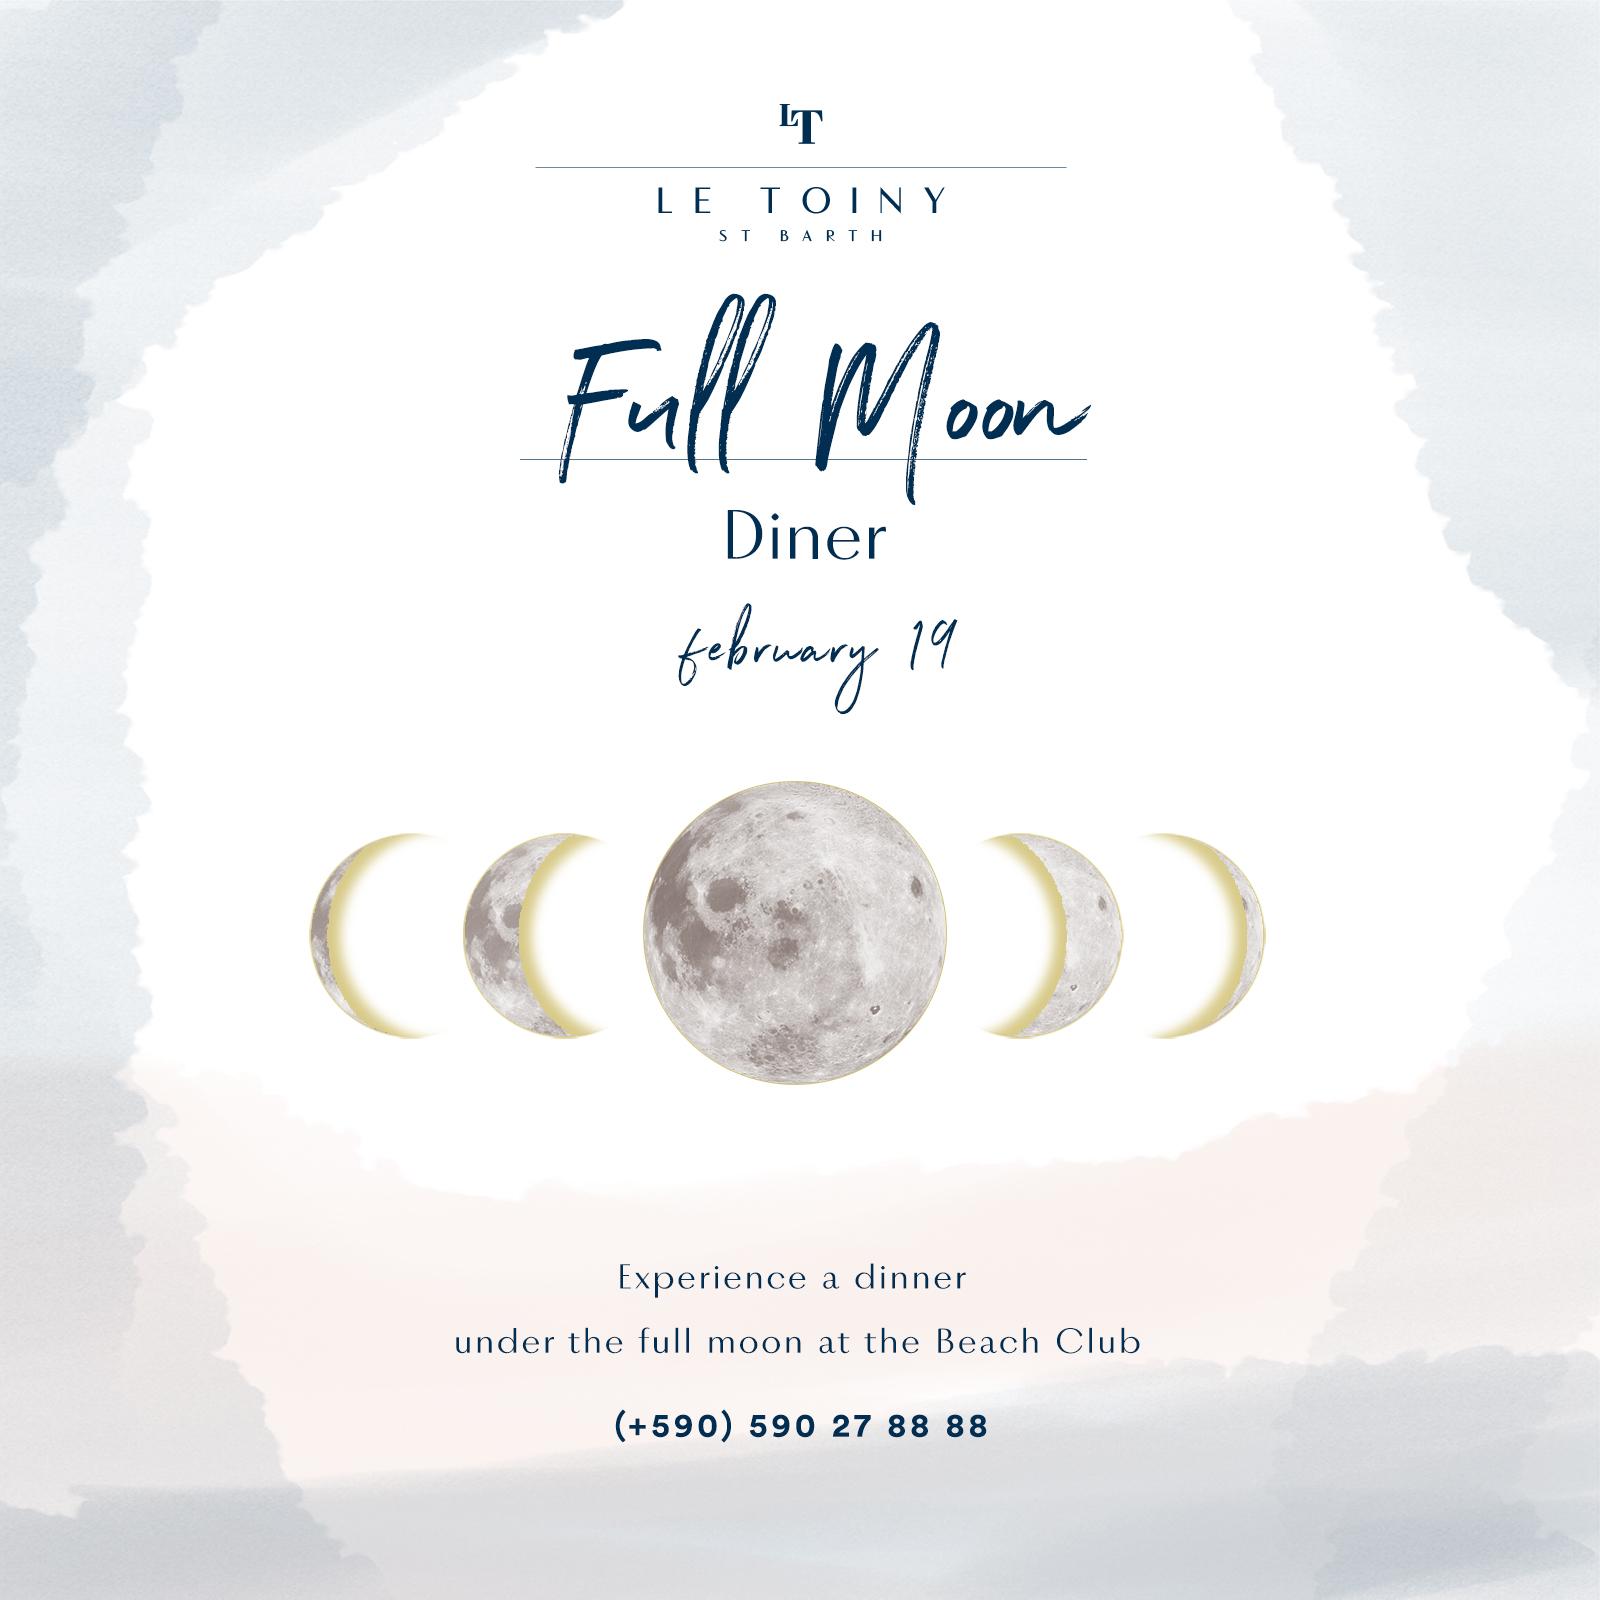 Full Moon Diner